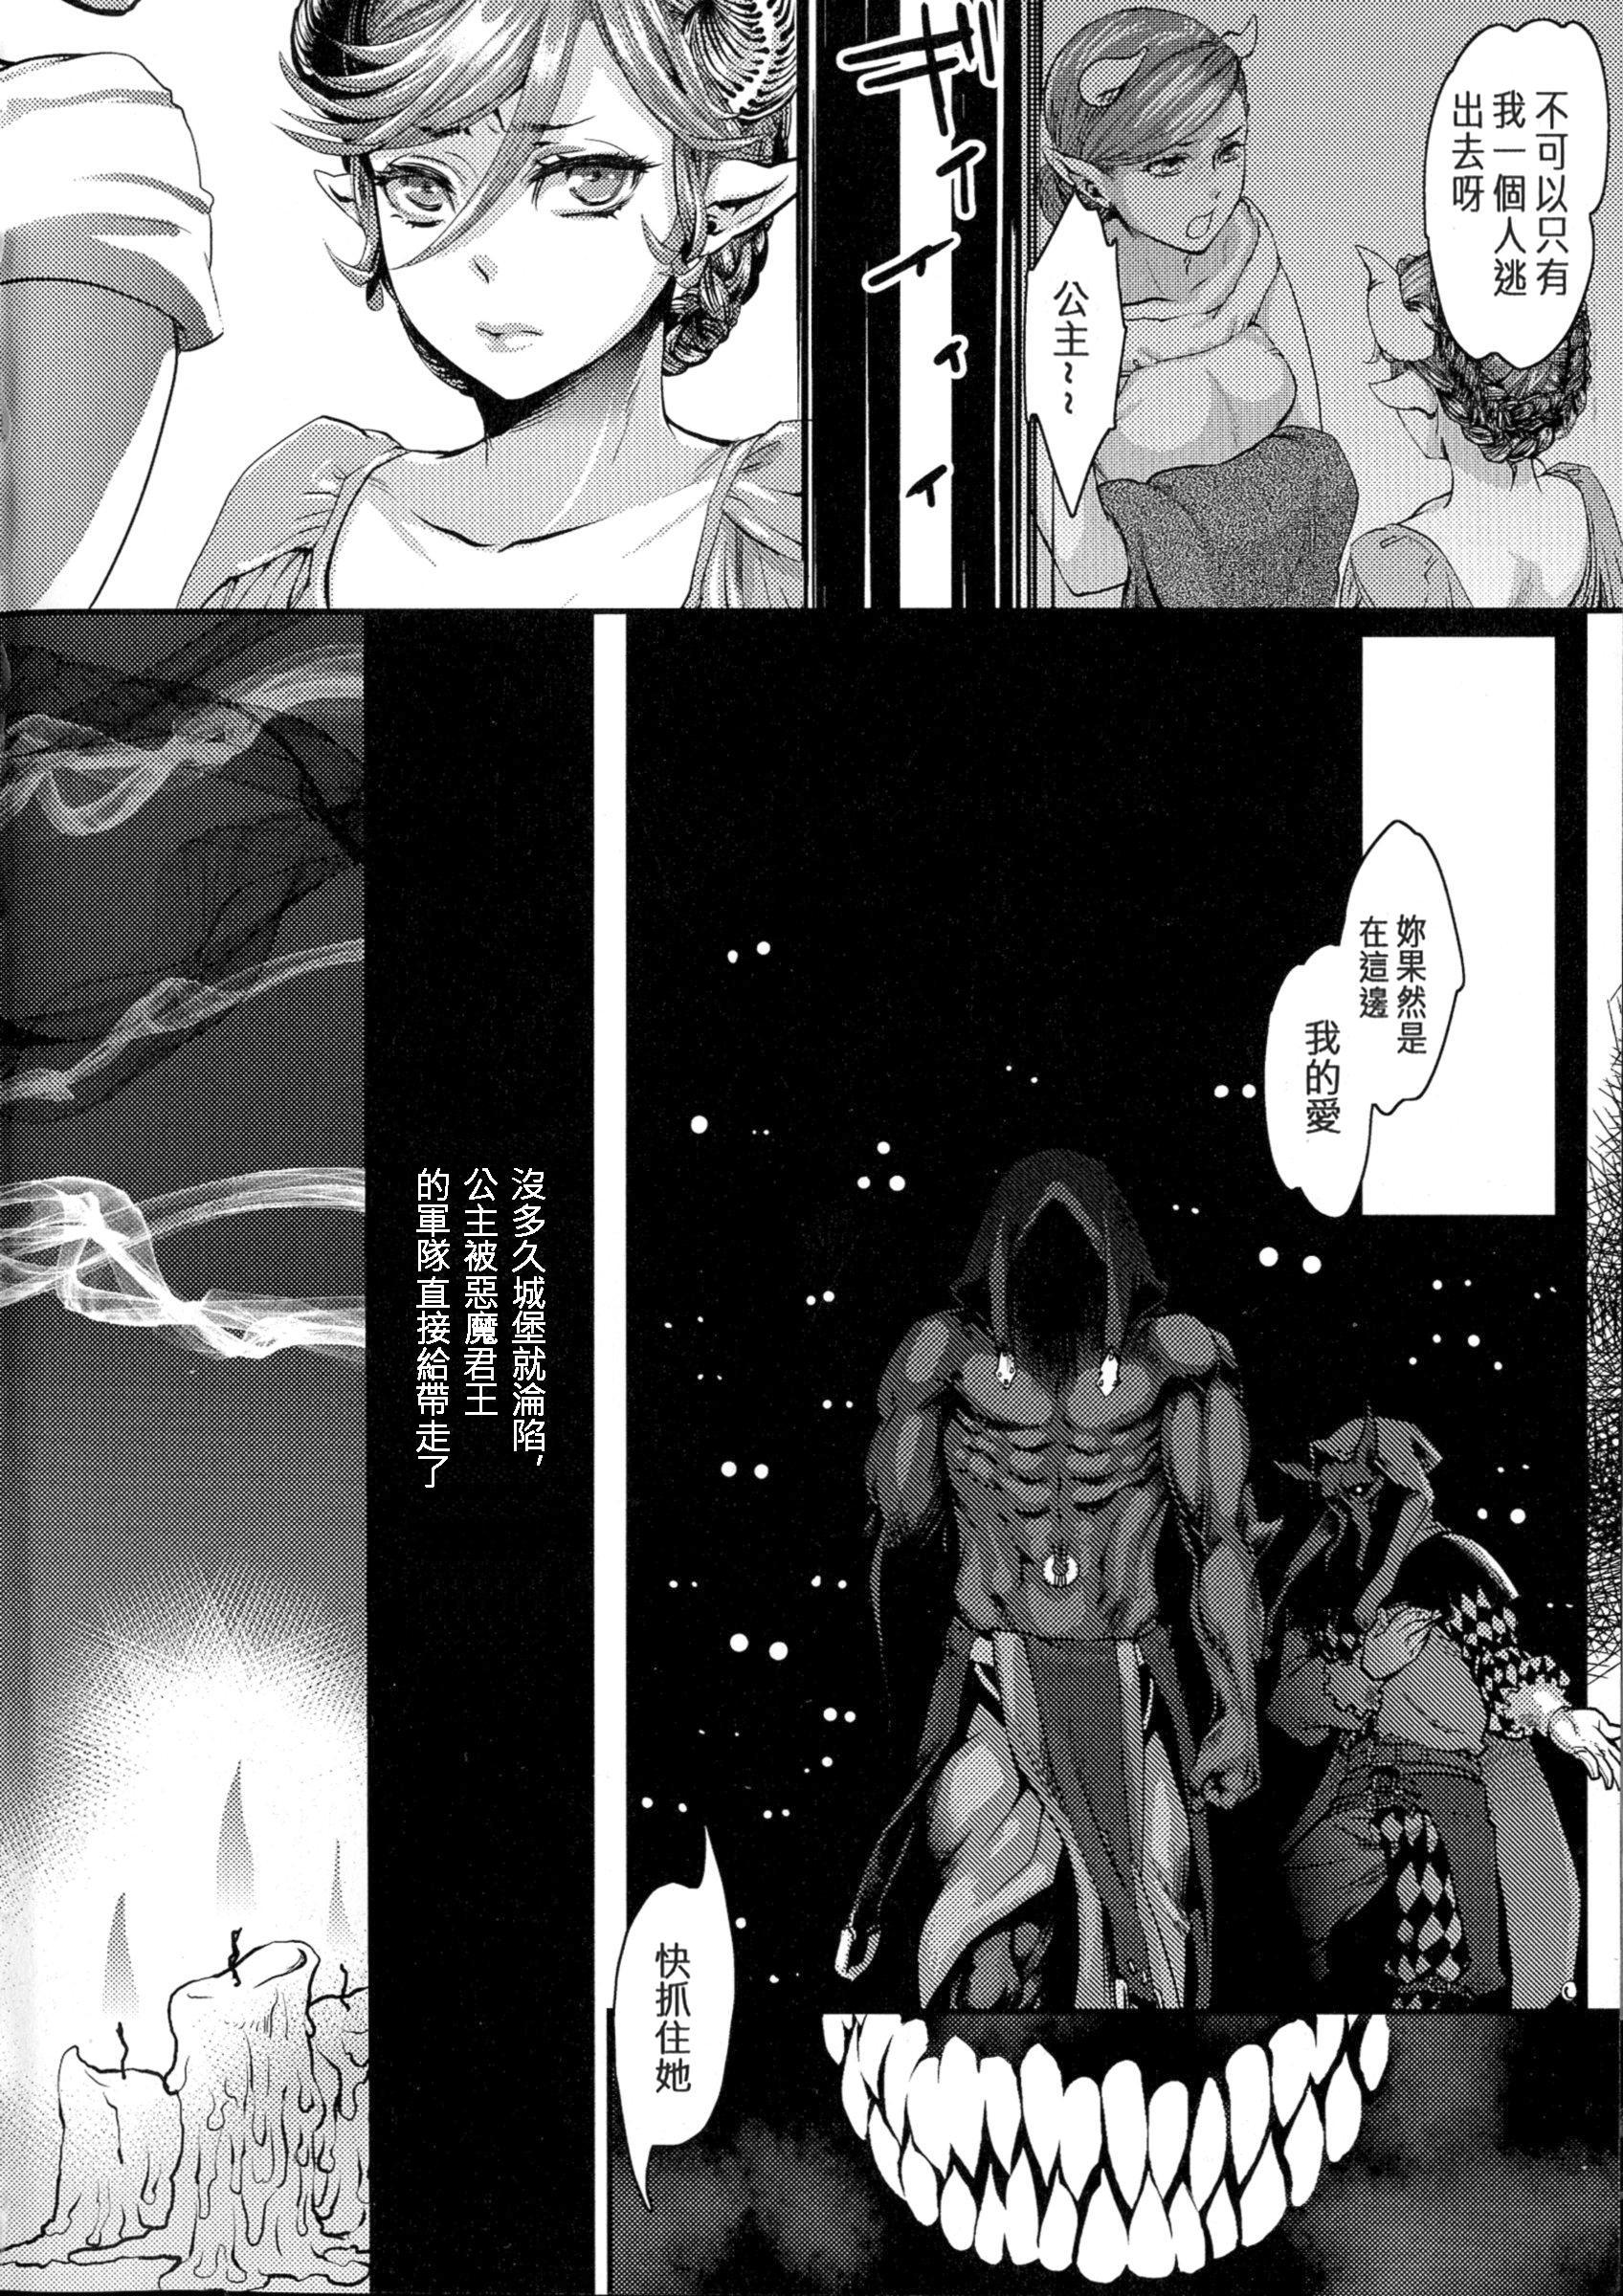 Chouki-sama no Ingyaku Yuugi 7